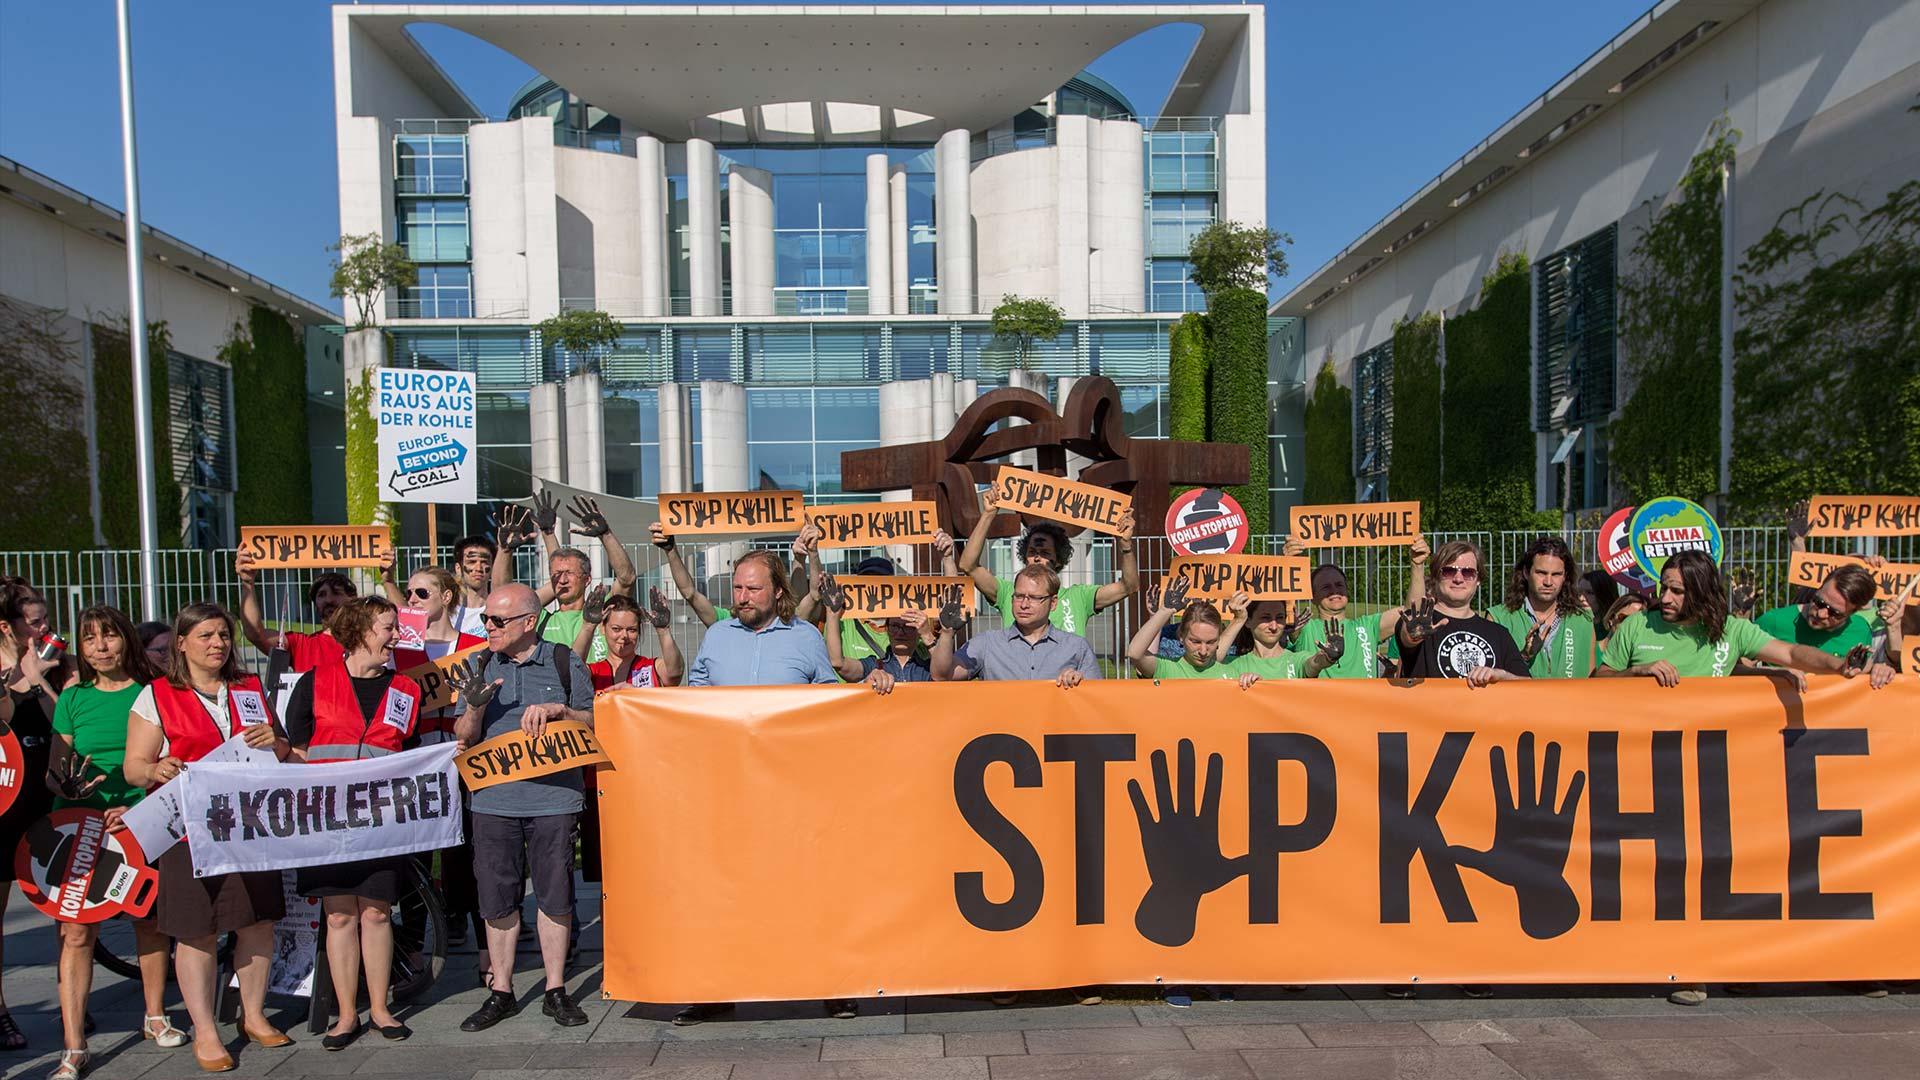 Kohlekommission: Demonstration Dtop Kohle vor dem Kanzleramt in Berlin